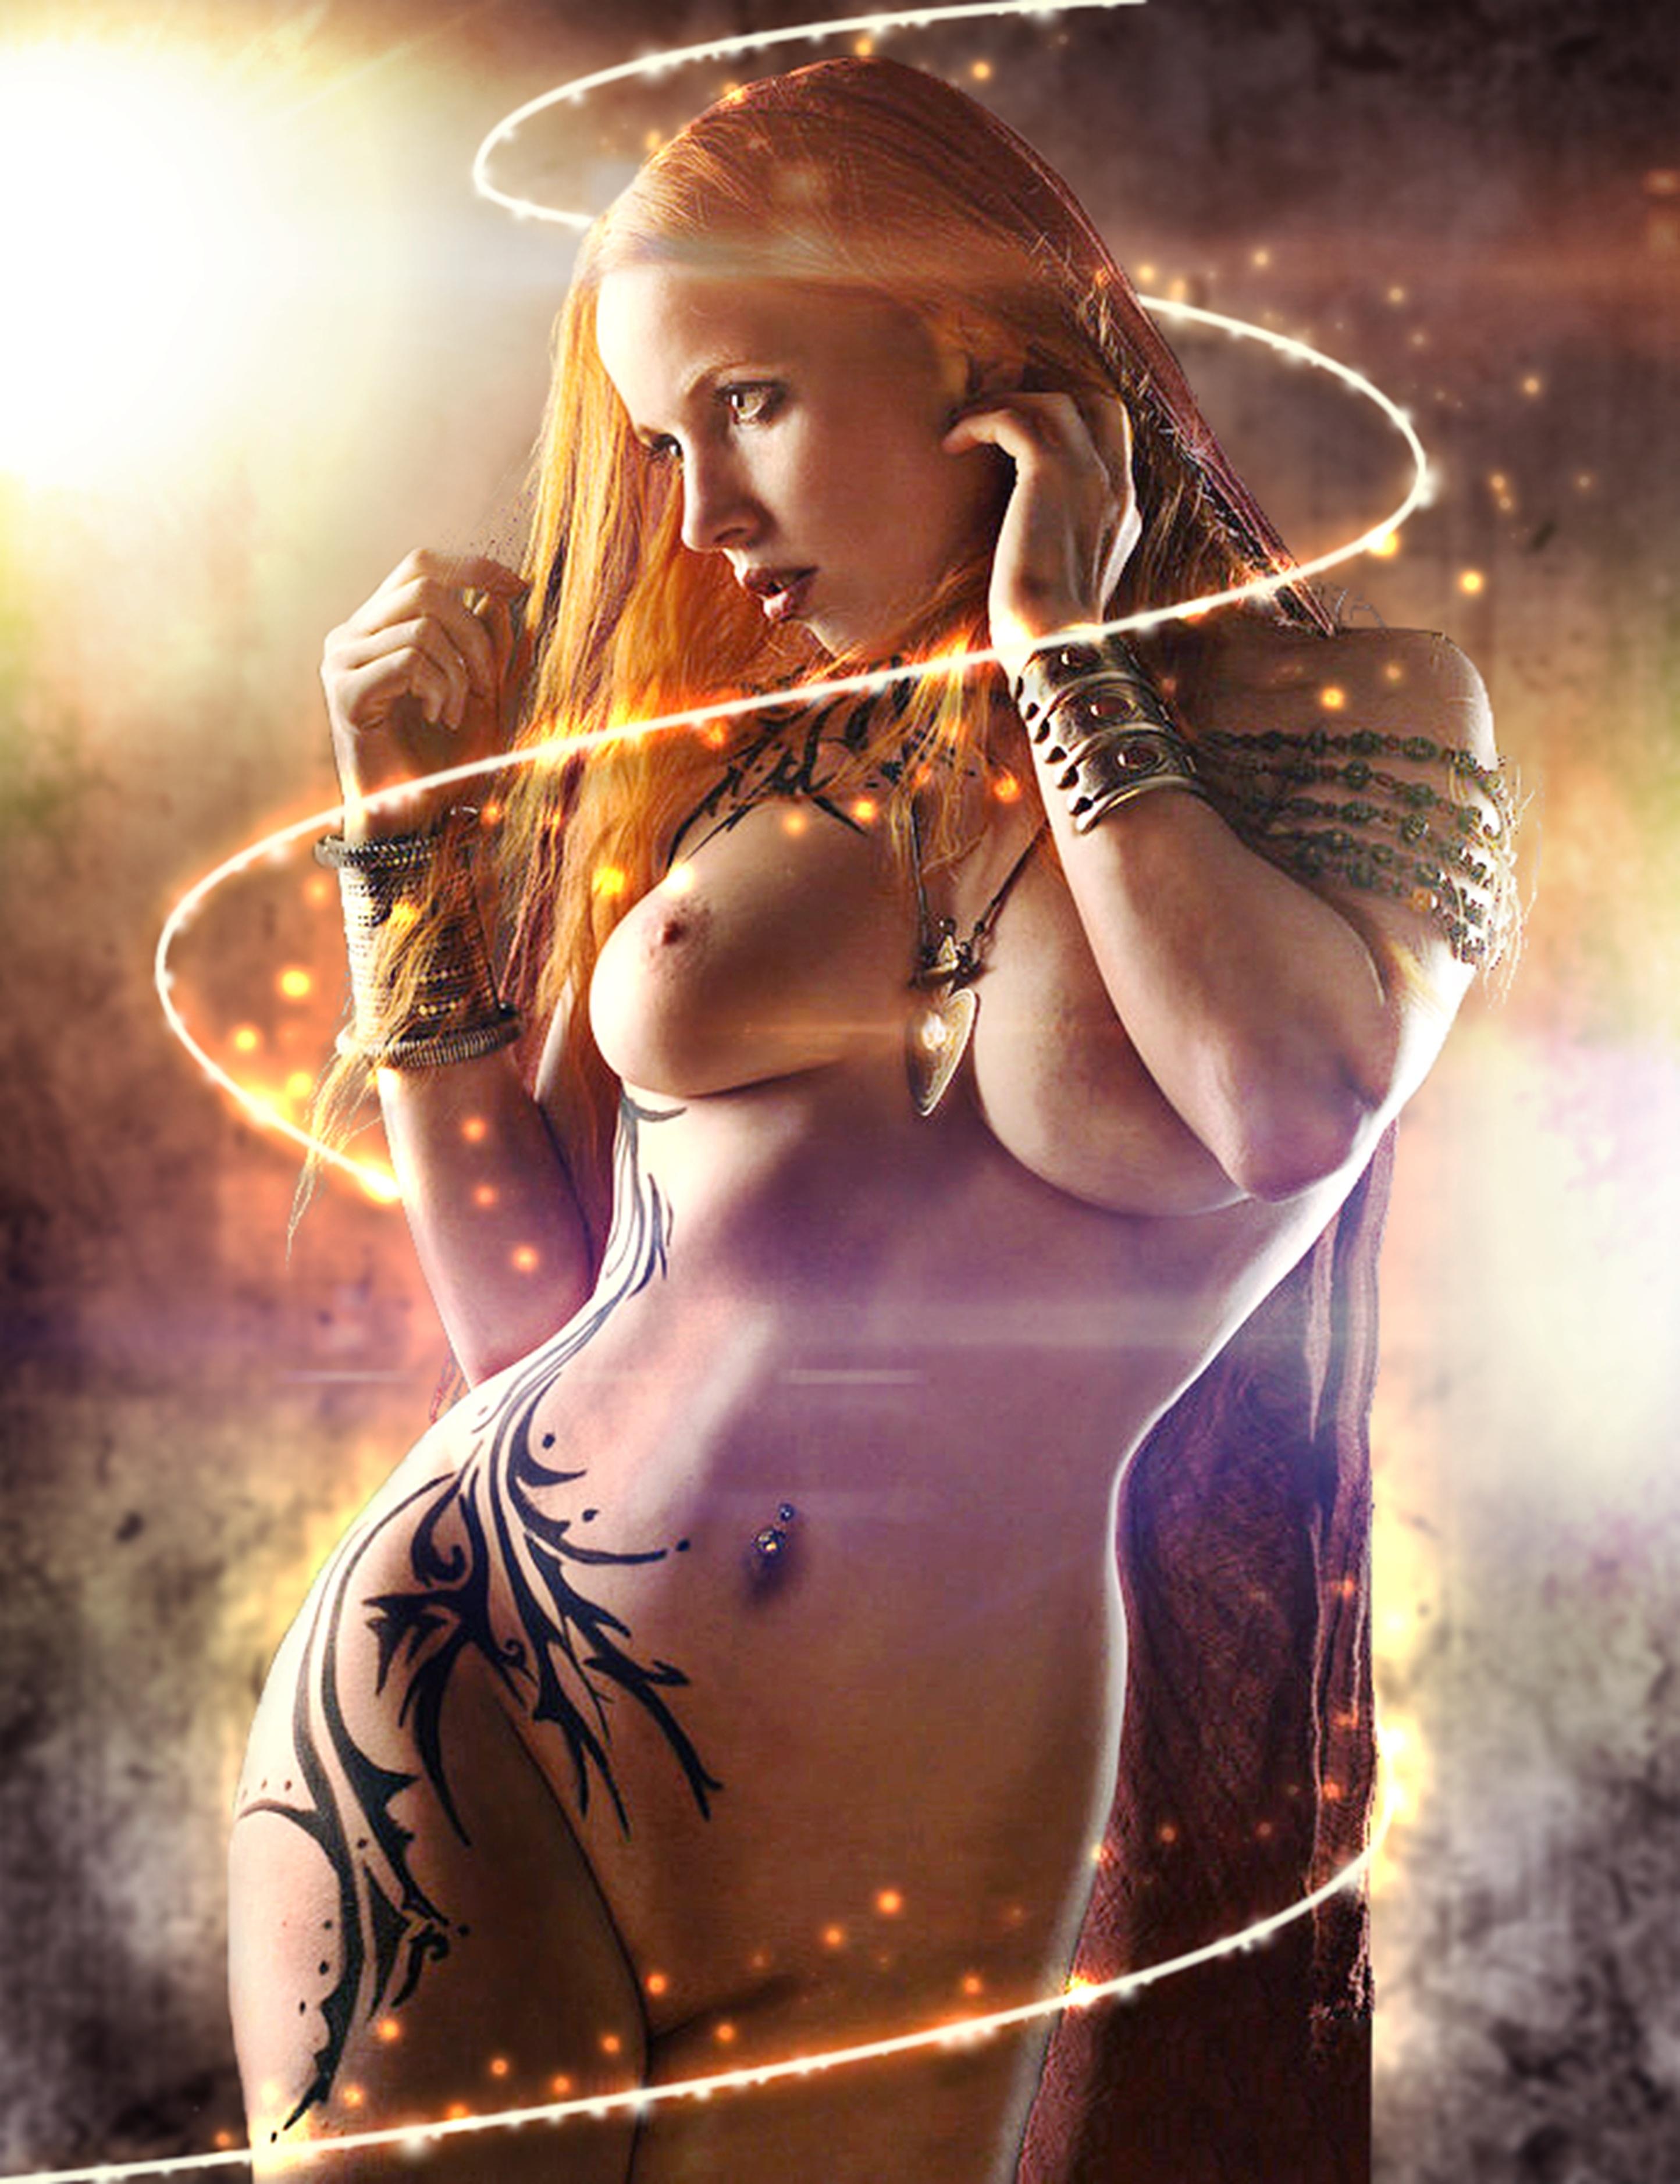 Zdarma nahé fotky ženy